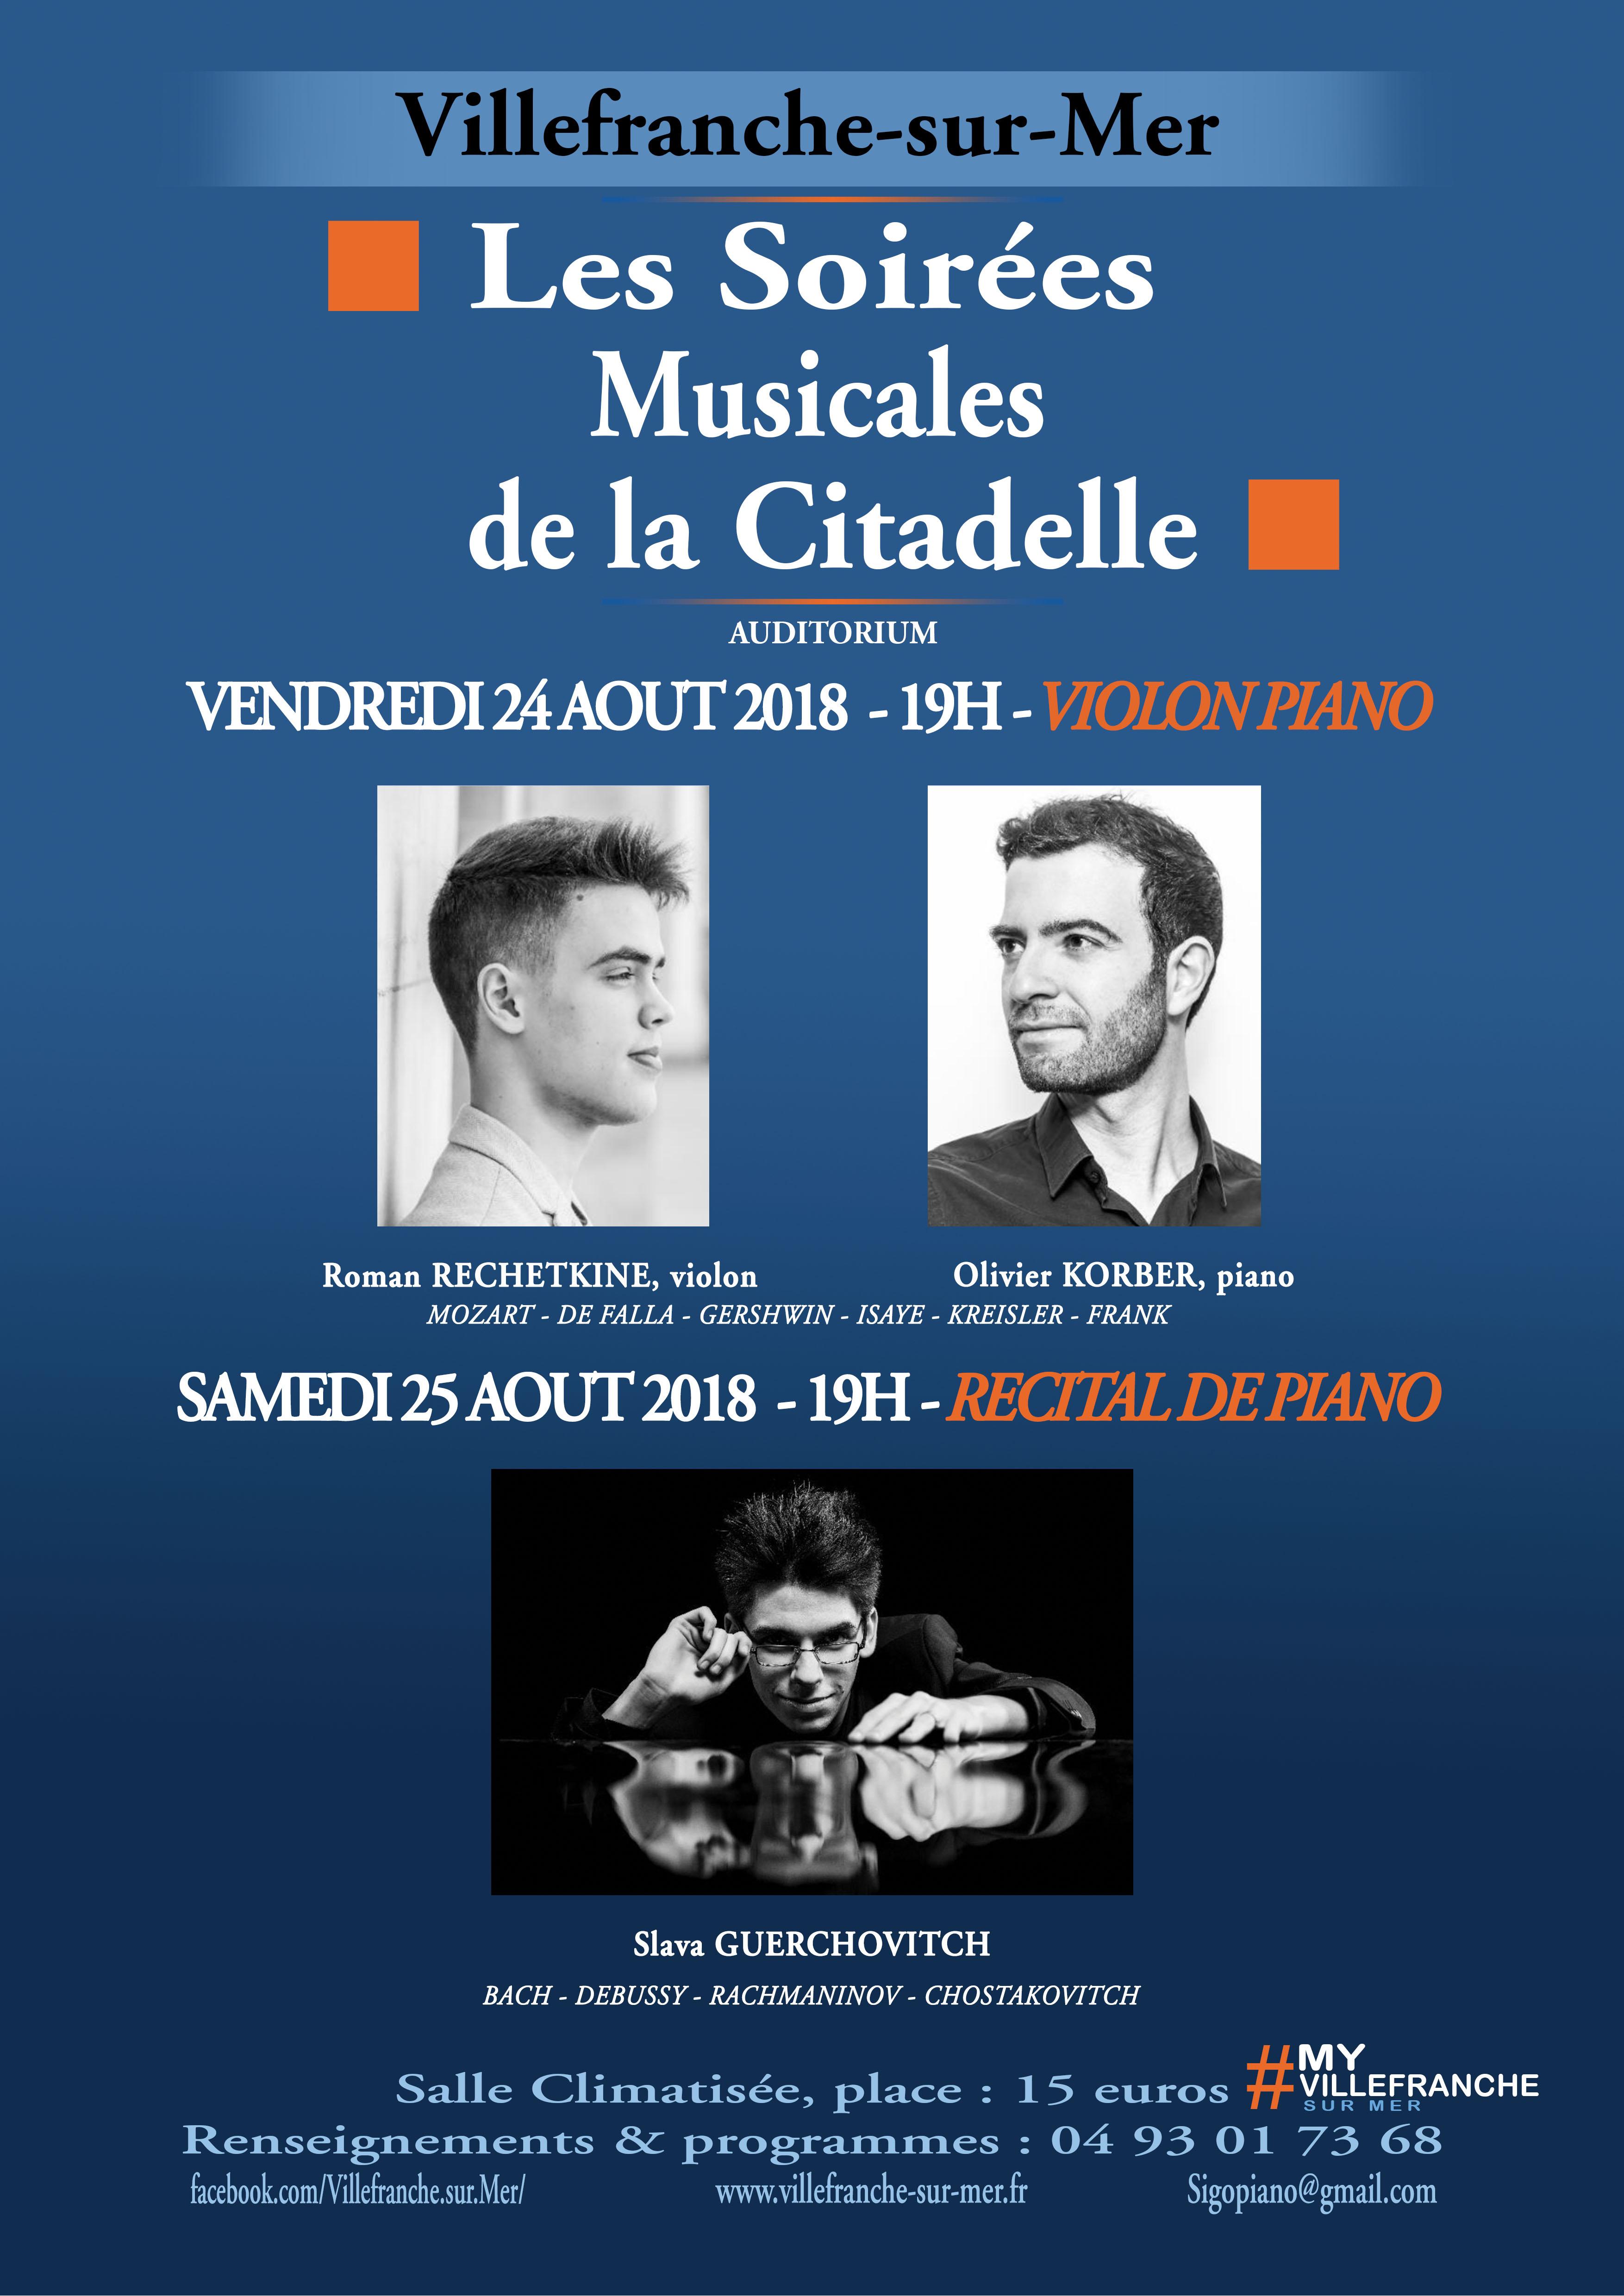 - Les Soirées Musicales de la Citadelle -